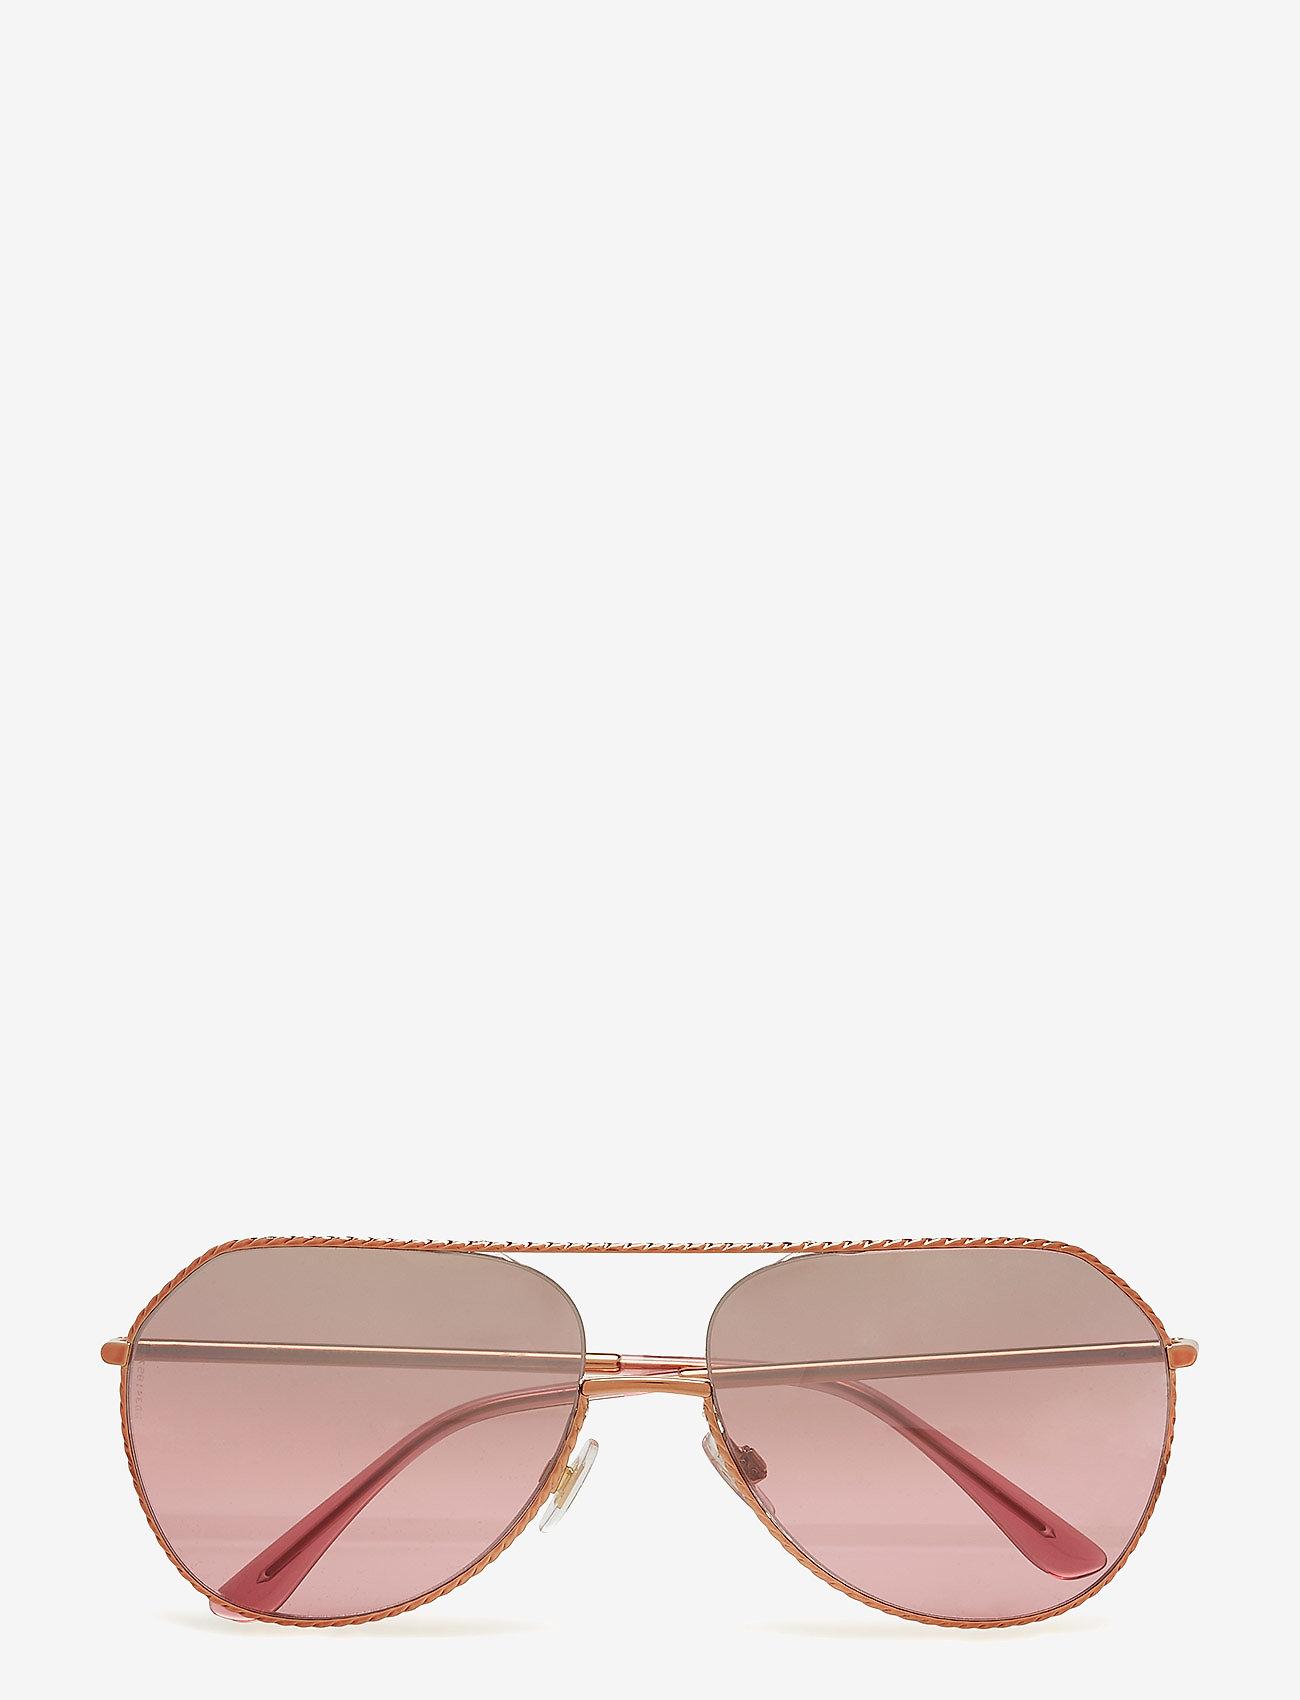 Dolce & Gabbana Sunglasses - WOMEN'S SUNGLASSES - okulary przeciwsłoneczne aviator - pink gold - 0